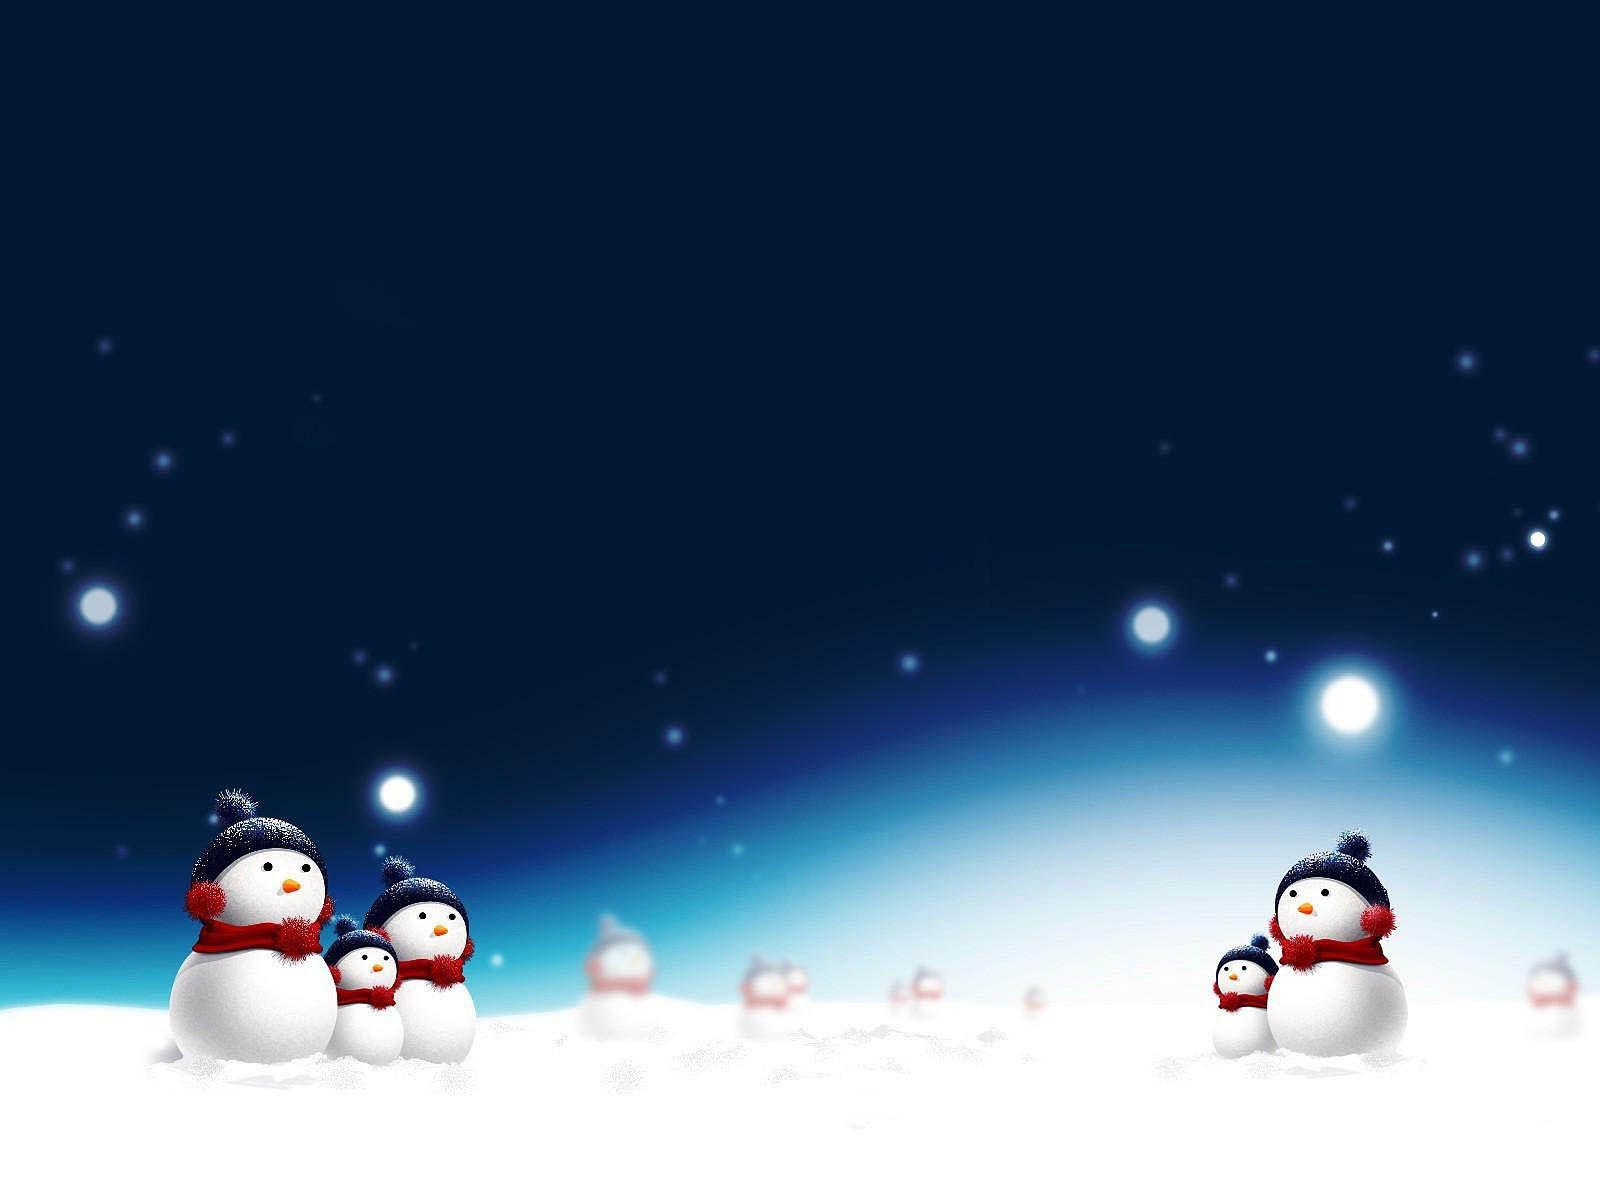 Snowman Desktop Wallpaper Christmas Wallpaper Backgrounds Christmas Wallpaper Hd Animated Christmas Wallpaper